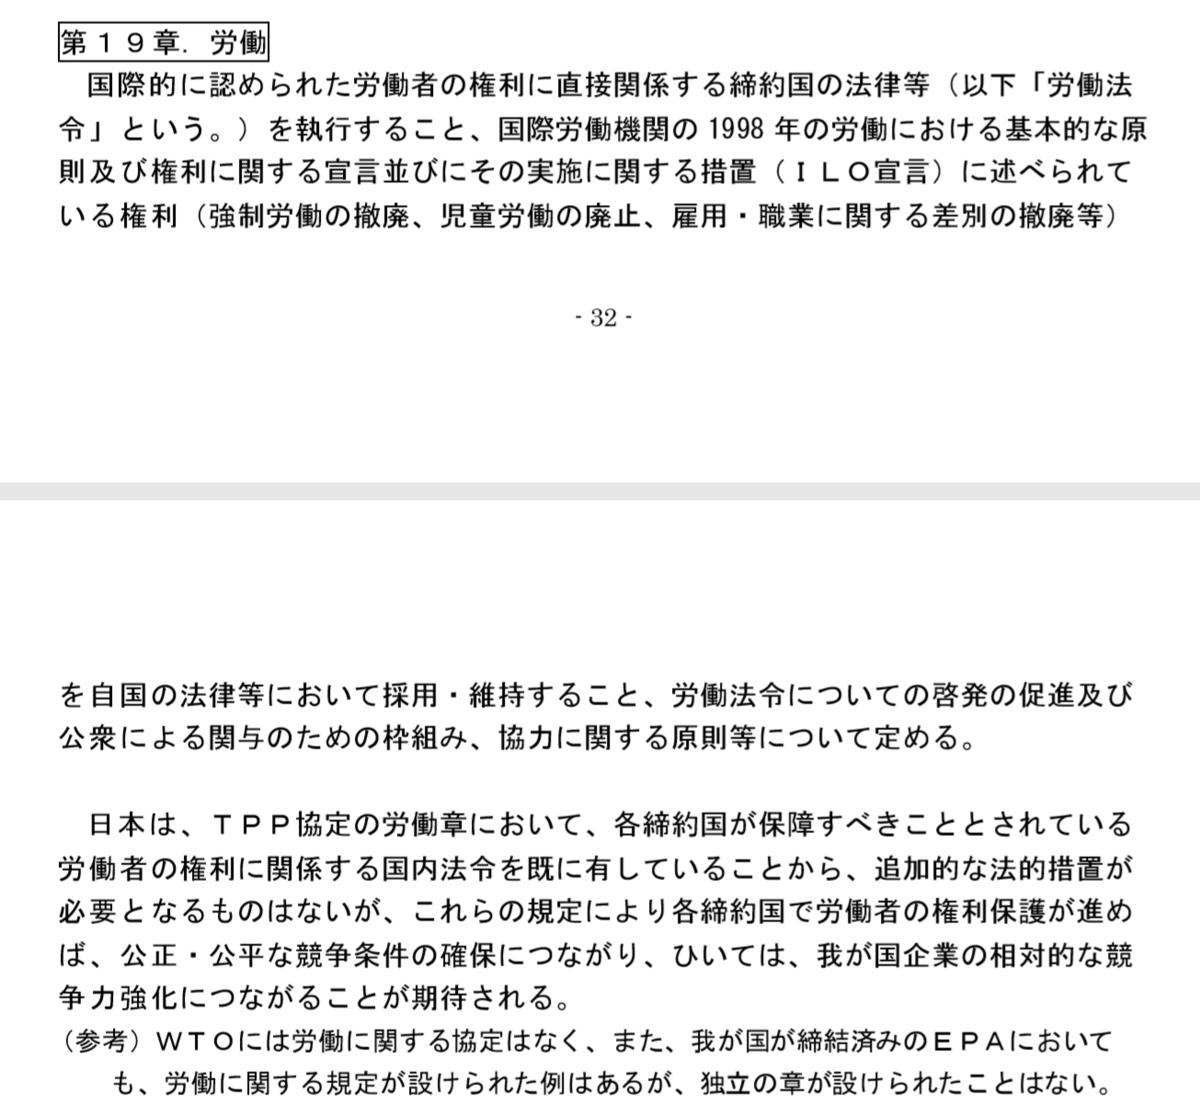 f:id:kaikakujapan:20191222141206p:plain